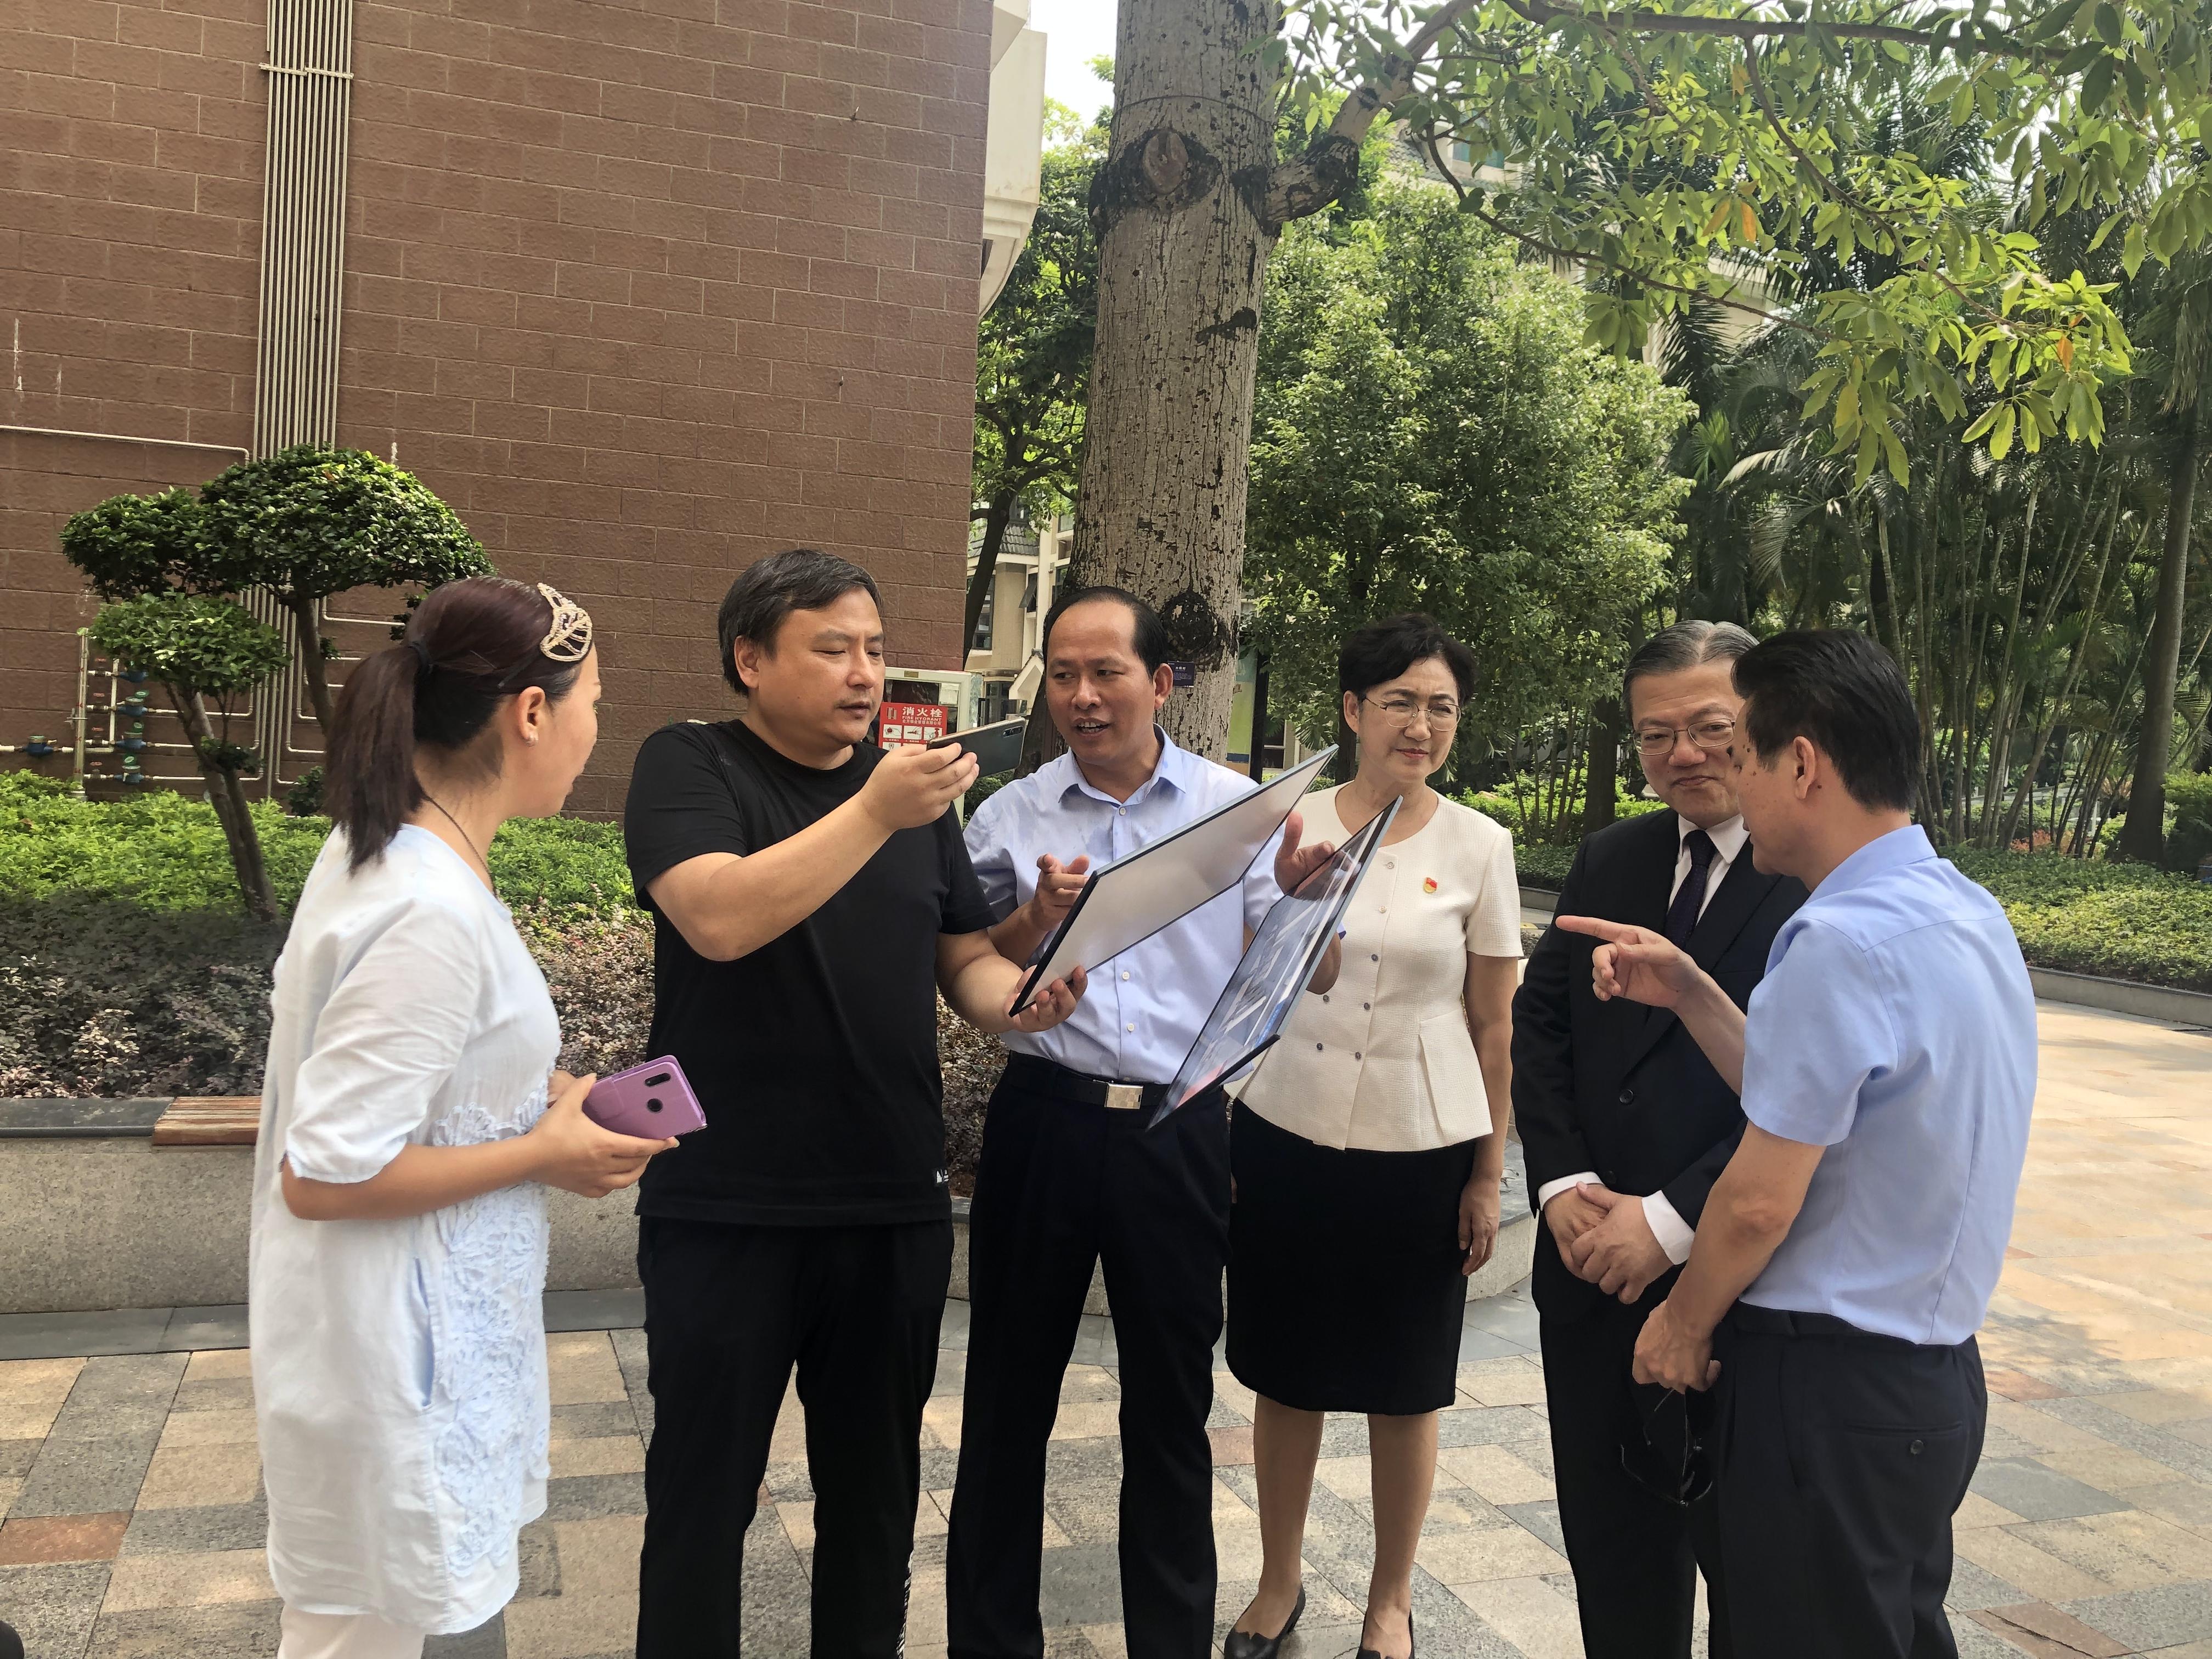 深圳蓝漪花园小区.jpg